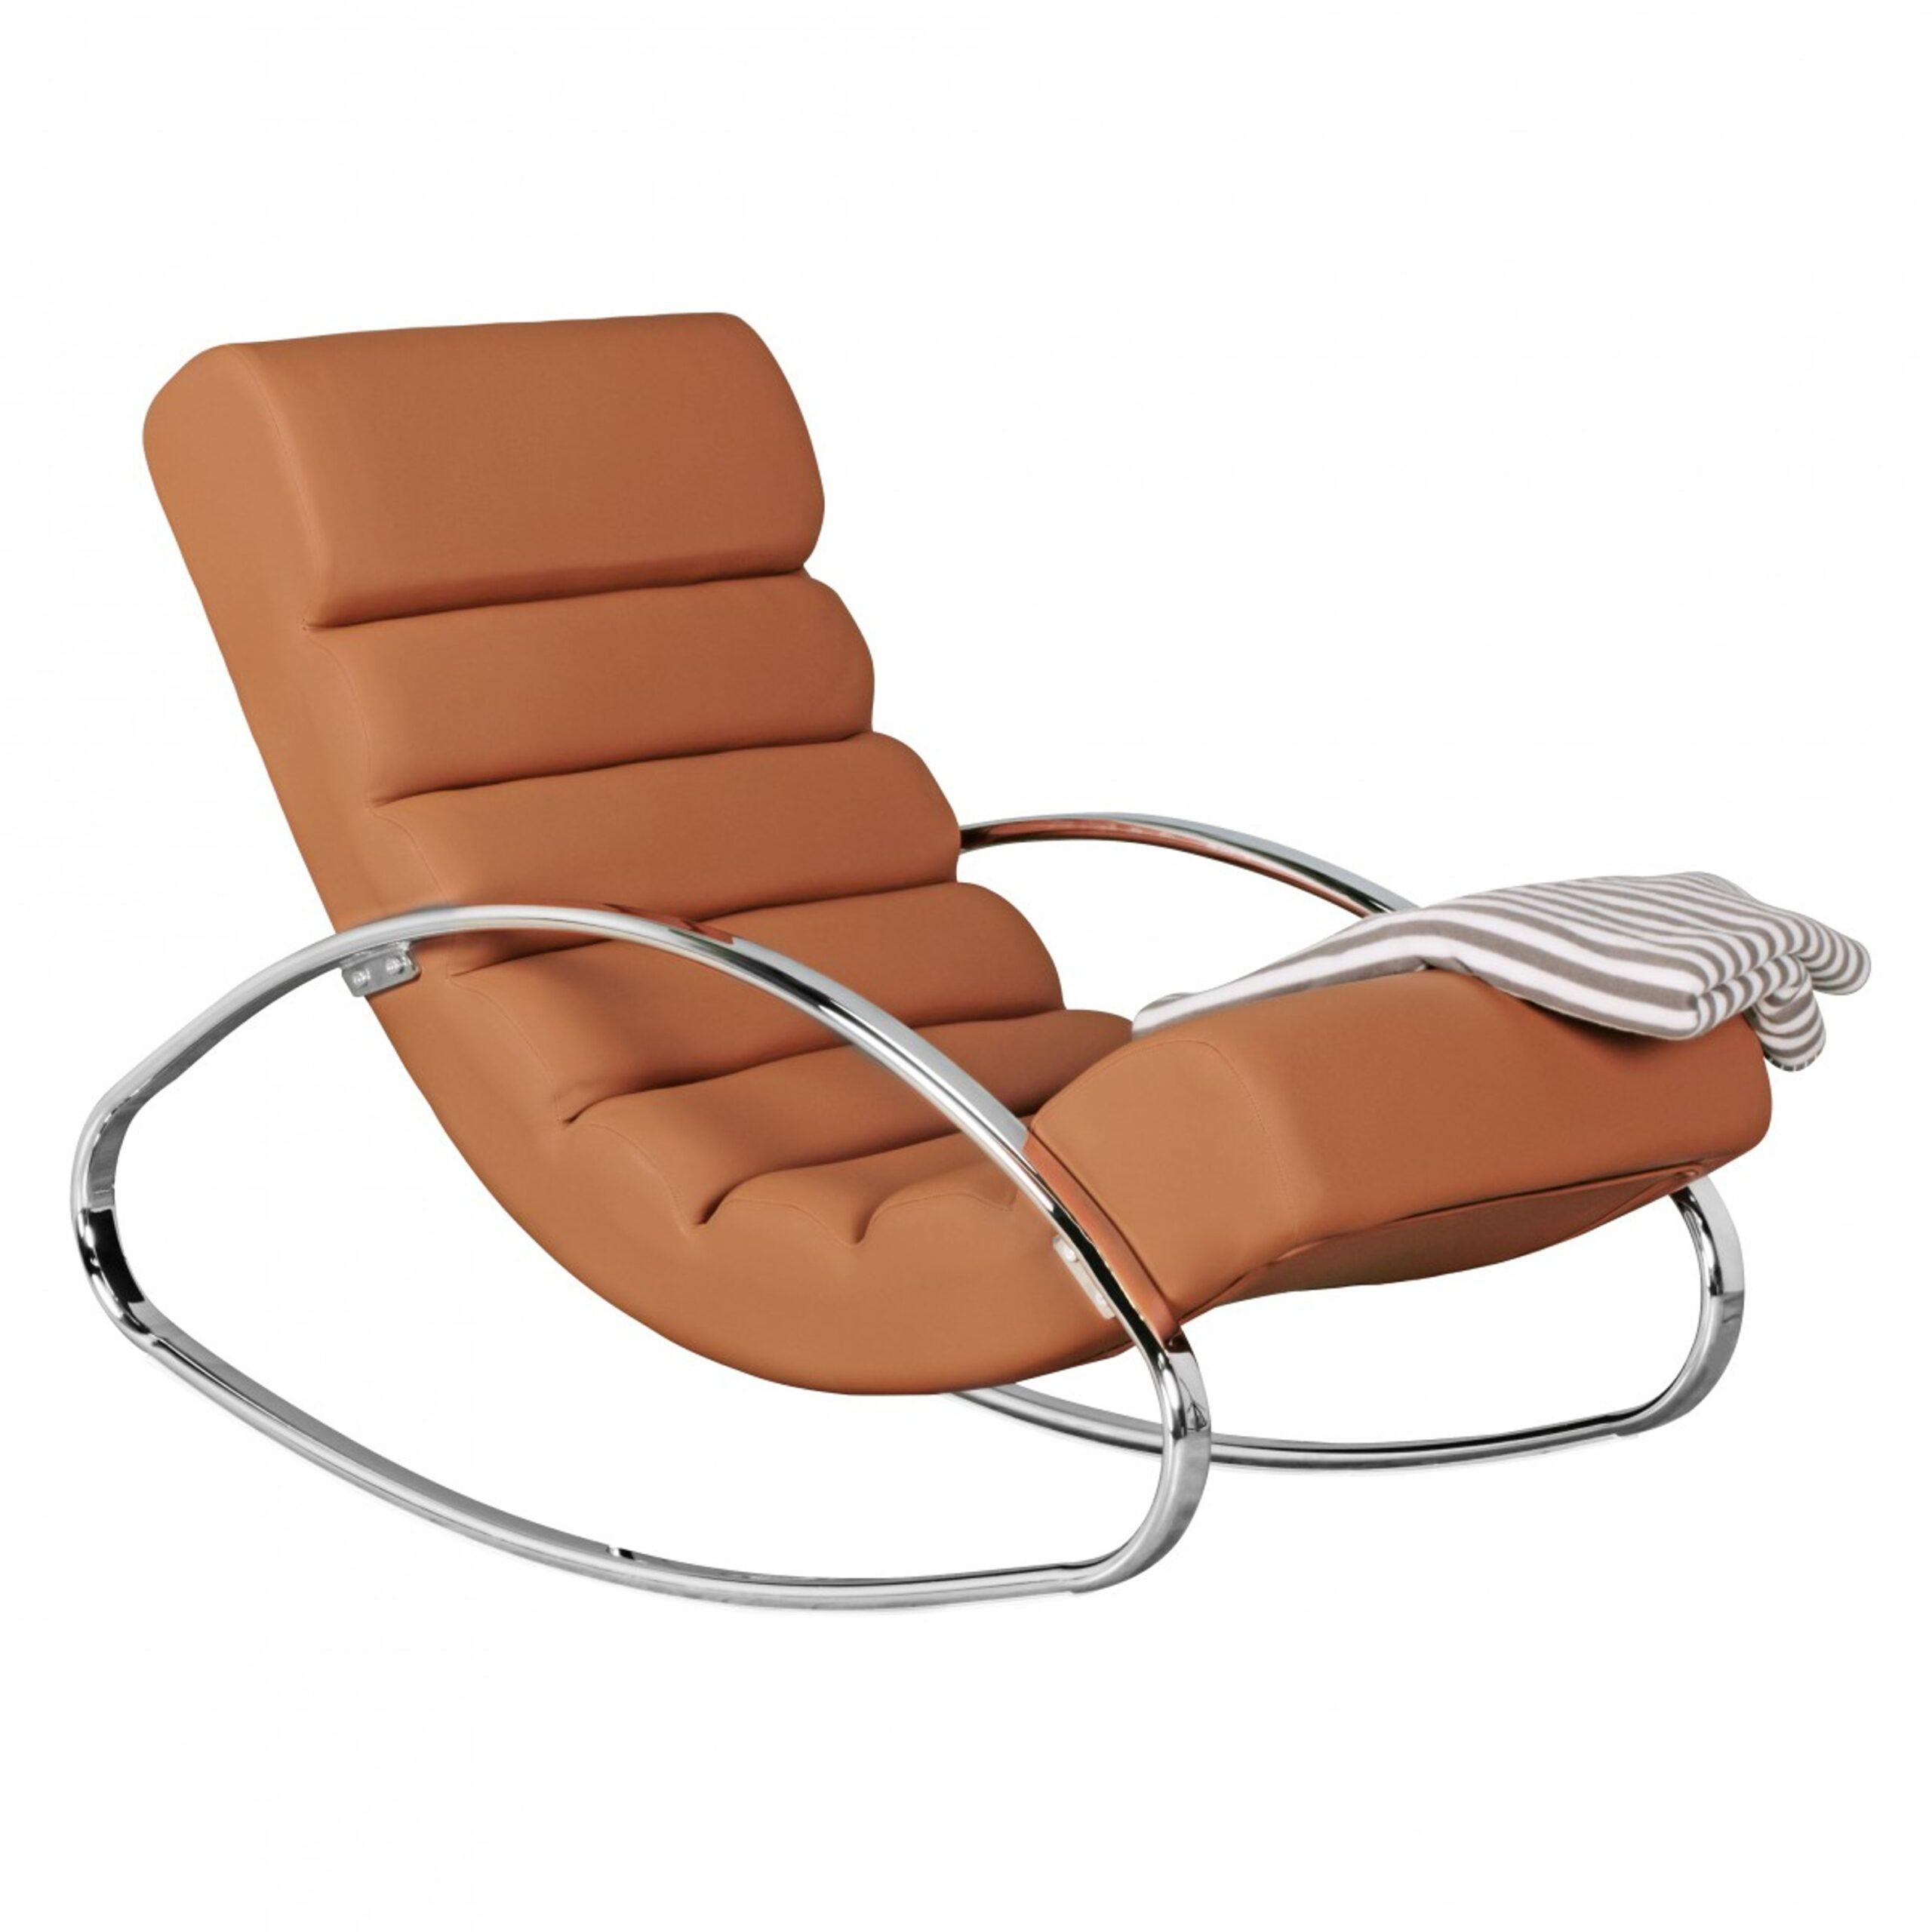 Full Size of Relaxliege Modern Sessel Fernsehsessel Farbe Braun Relaxsessel Design Küche Holz Deckenleuchte Schlafzimmer Wohnzimmer Bilder Weiss Moderne Fürs Modernes Wohnzimmer Relaxliege Modern